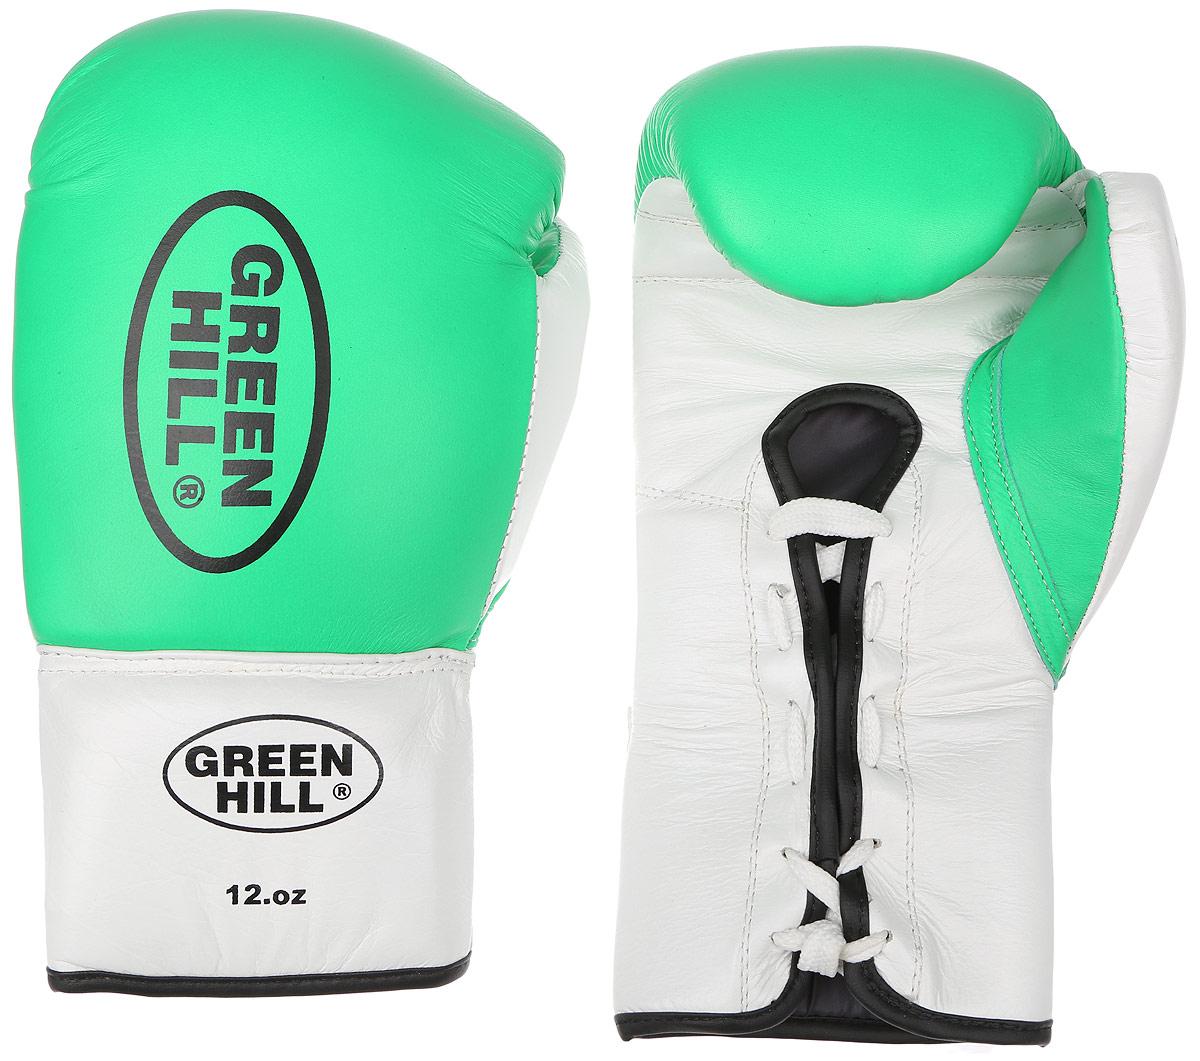 Перчатки боксерские Green Hill Proffi, цвет: зеленый, белый, черный. Вес 12 унций. BGP-2014AIRWHEEL M3-162.8Боксерские перчатки Green Hill Proffi предназначены для использования профессионалами. Верх выполнен из натуральной кожи, наполнитель - из вспененного полимера. Отверстие в области ладони позволяет создать максимально комфортный терморежим во время занятий. Манжет на шнуровке способствует быстрому и удобному надеванию перчаток, плотно фиксирует перчатки на руке.